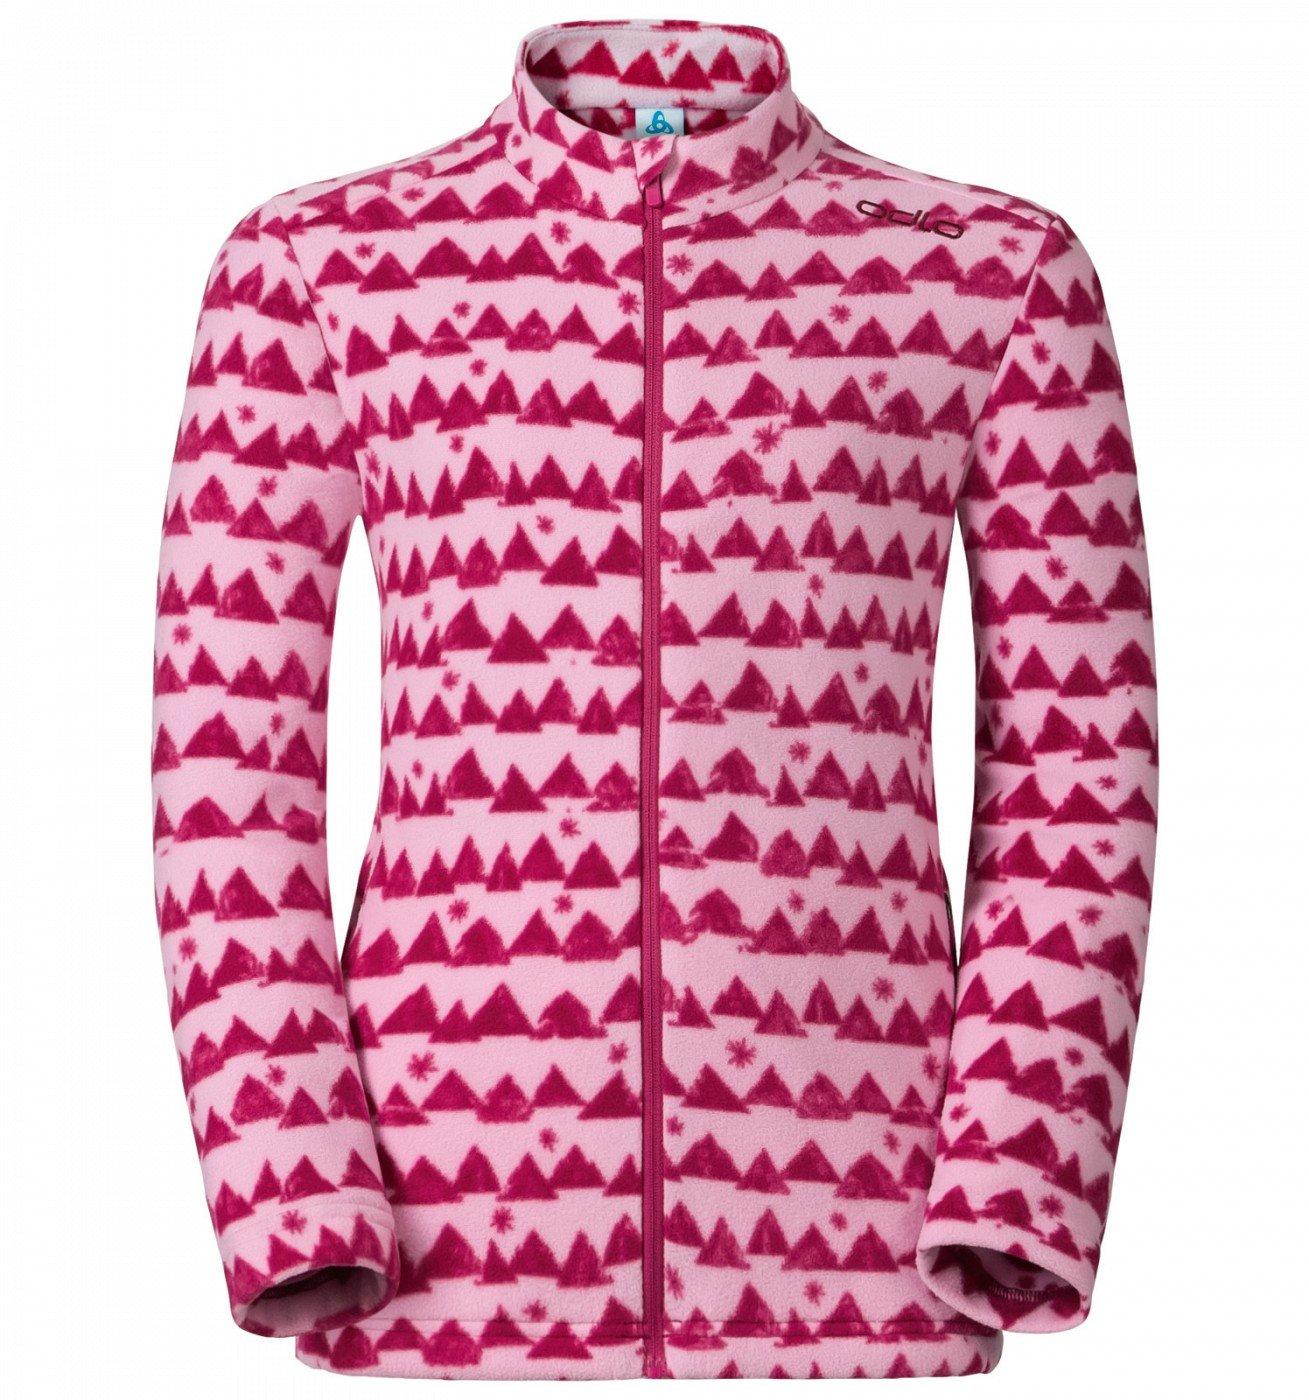 ├登山樂┤瑞士ODLO 兒童 夾克 立領保暖刷毛側拉鍊袋 戶外保暖 玫瑰粉 # 260829-70438